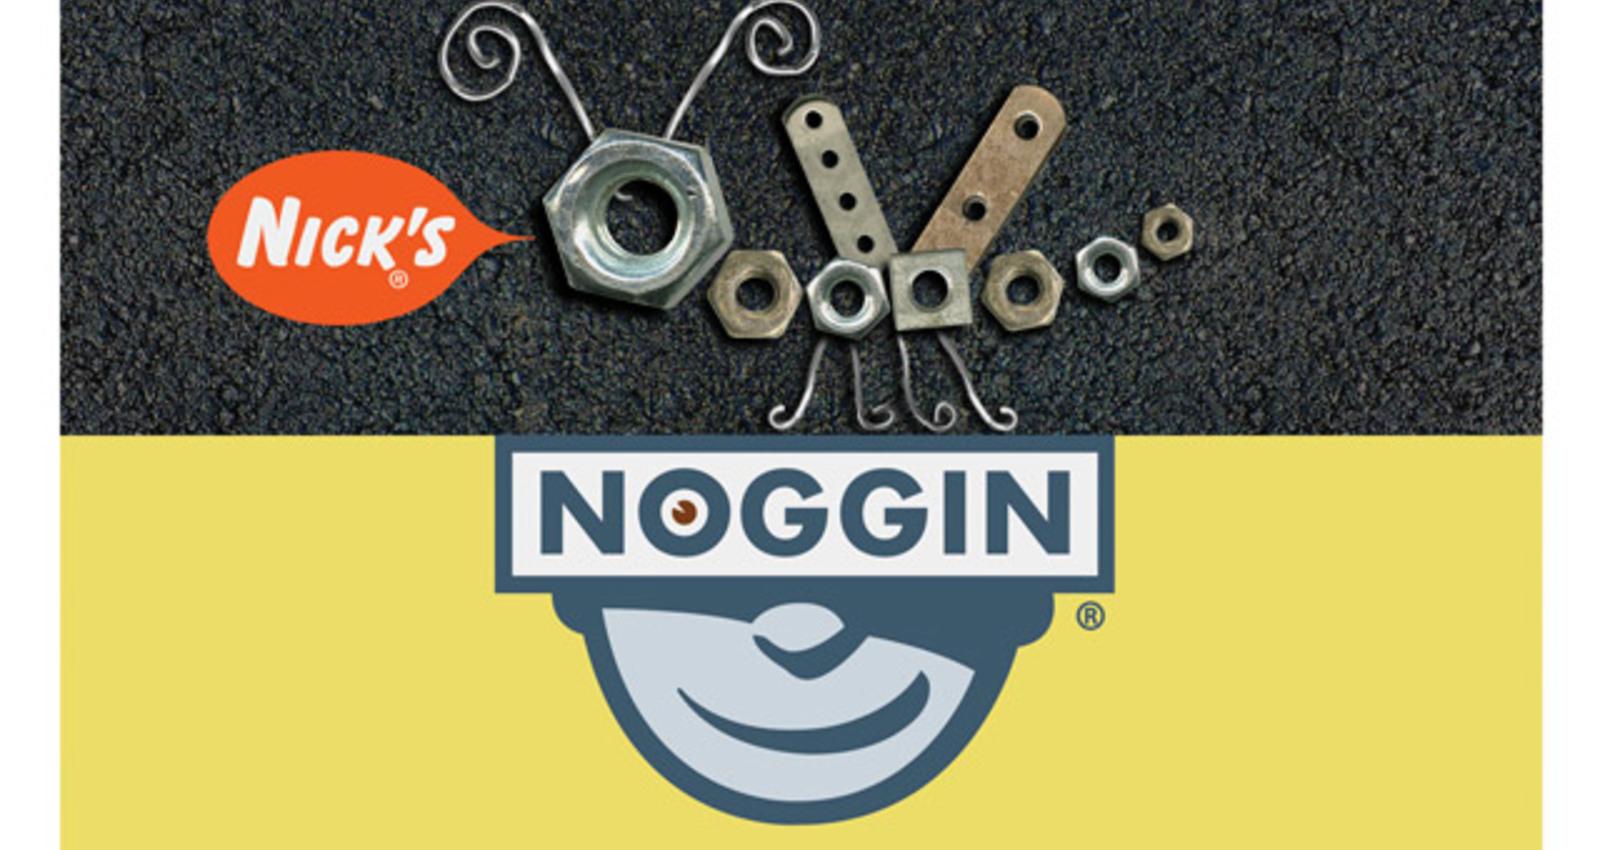 NOGGIN Logos